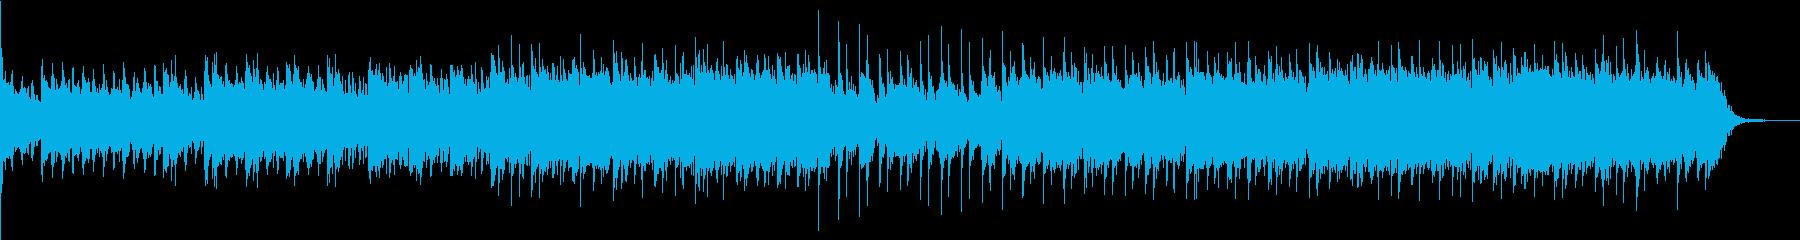 映画音楽、荘厳重厚、映像向け-07の再生済みの波形